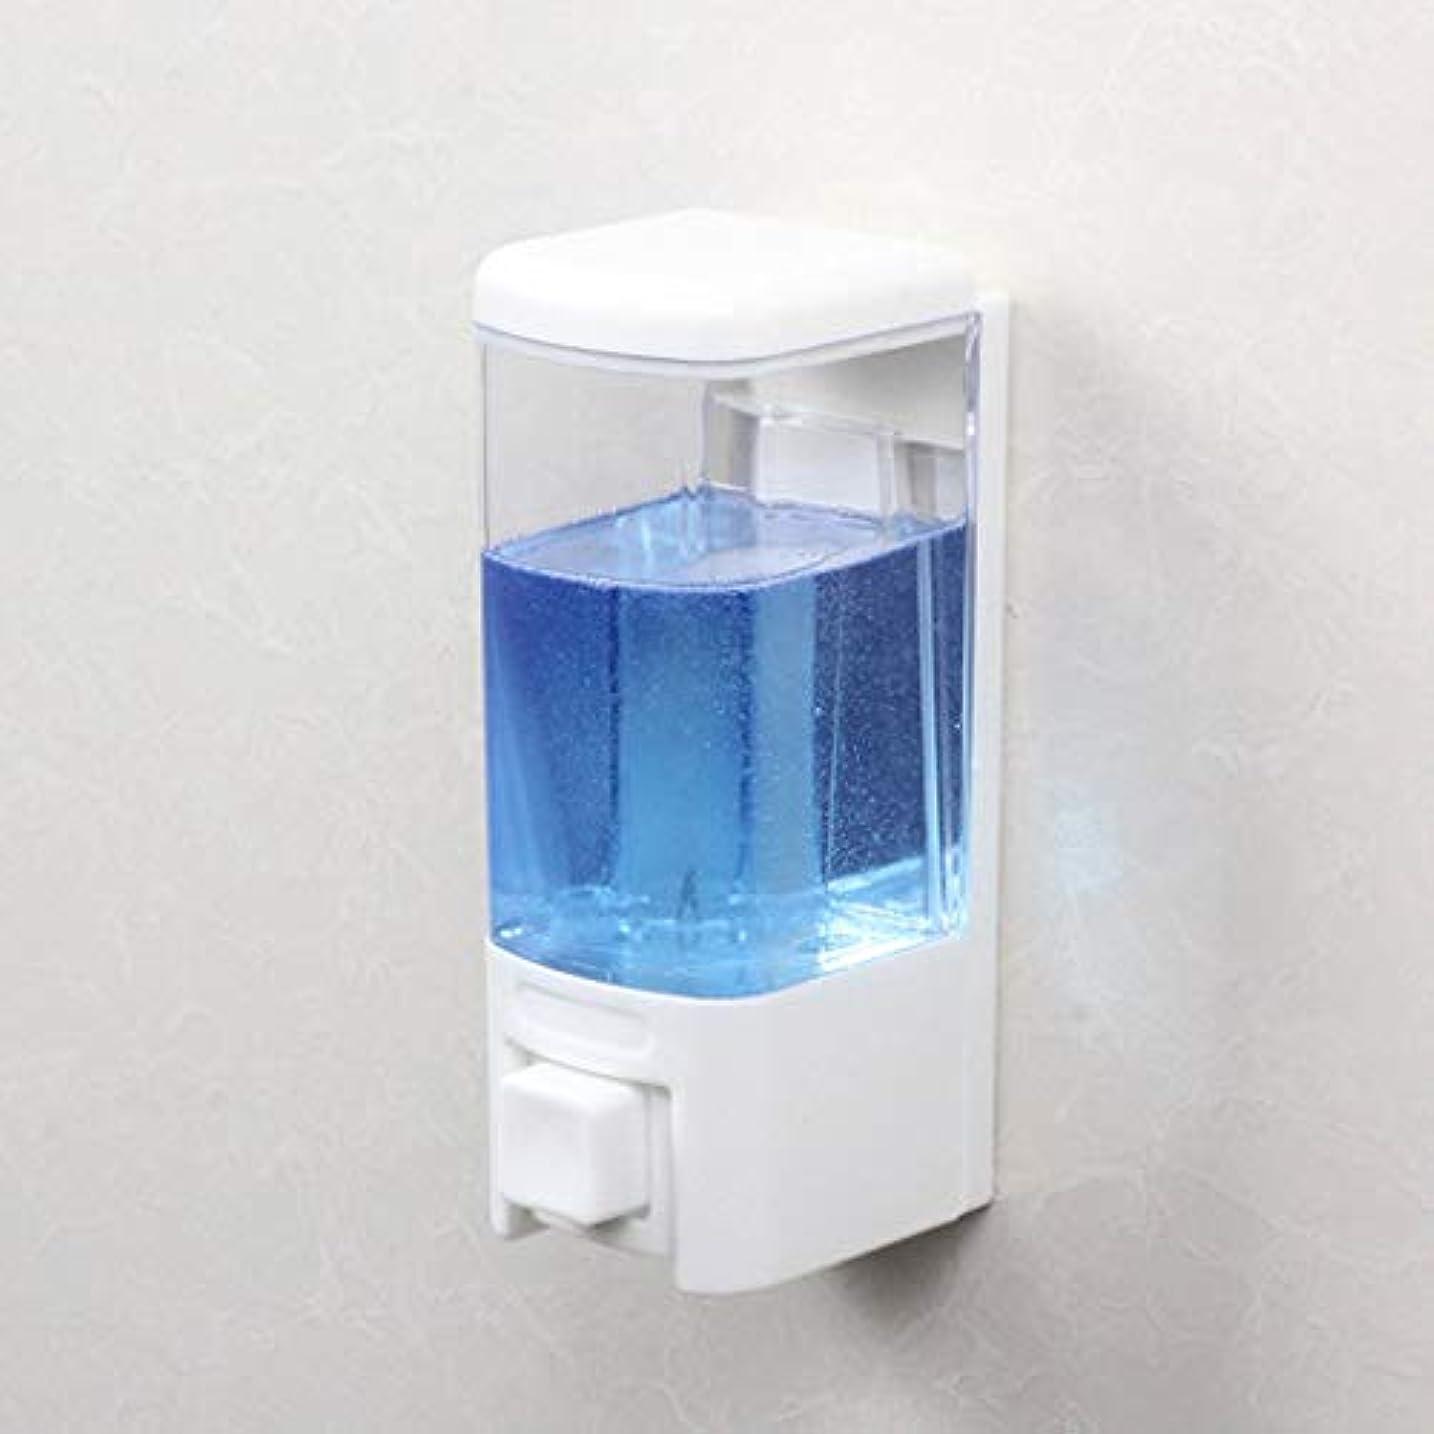 リーンポルティコ台無しにせっけん 浴室ソープディスペンサーホテル壁掛け風呂シングルヘッドソープマシンシャワージェルボックス漏れ防止手消毒剤ボトル 新しい